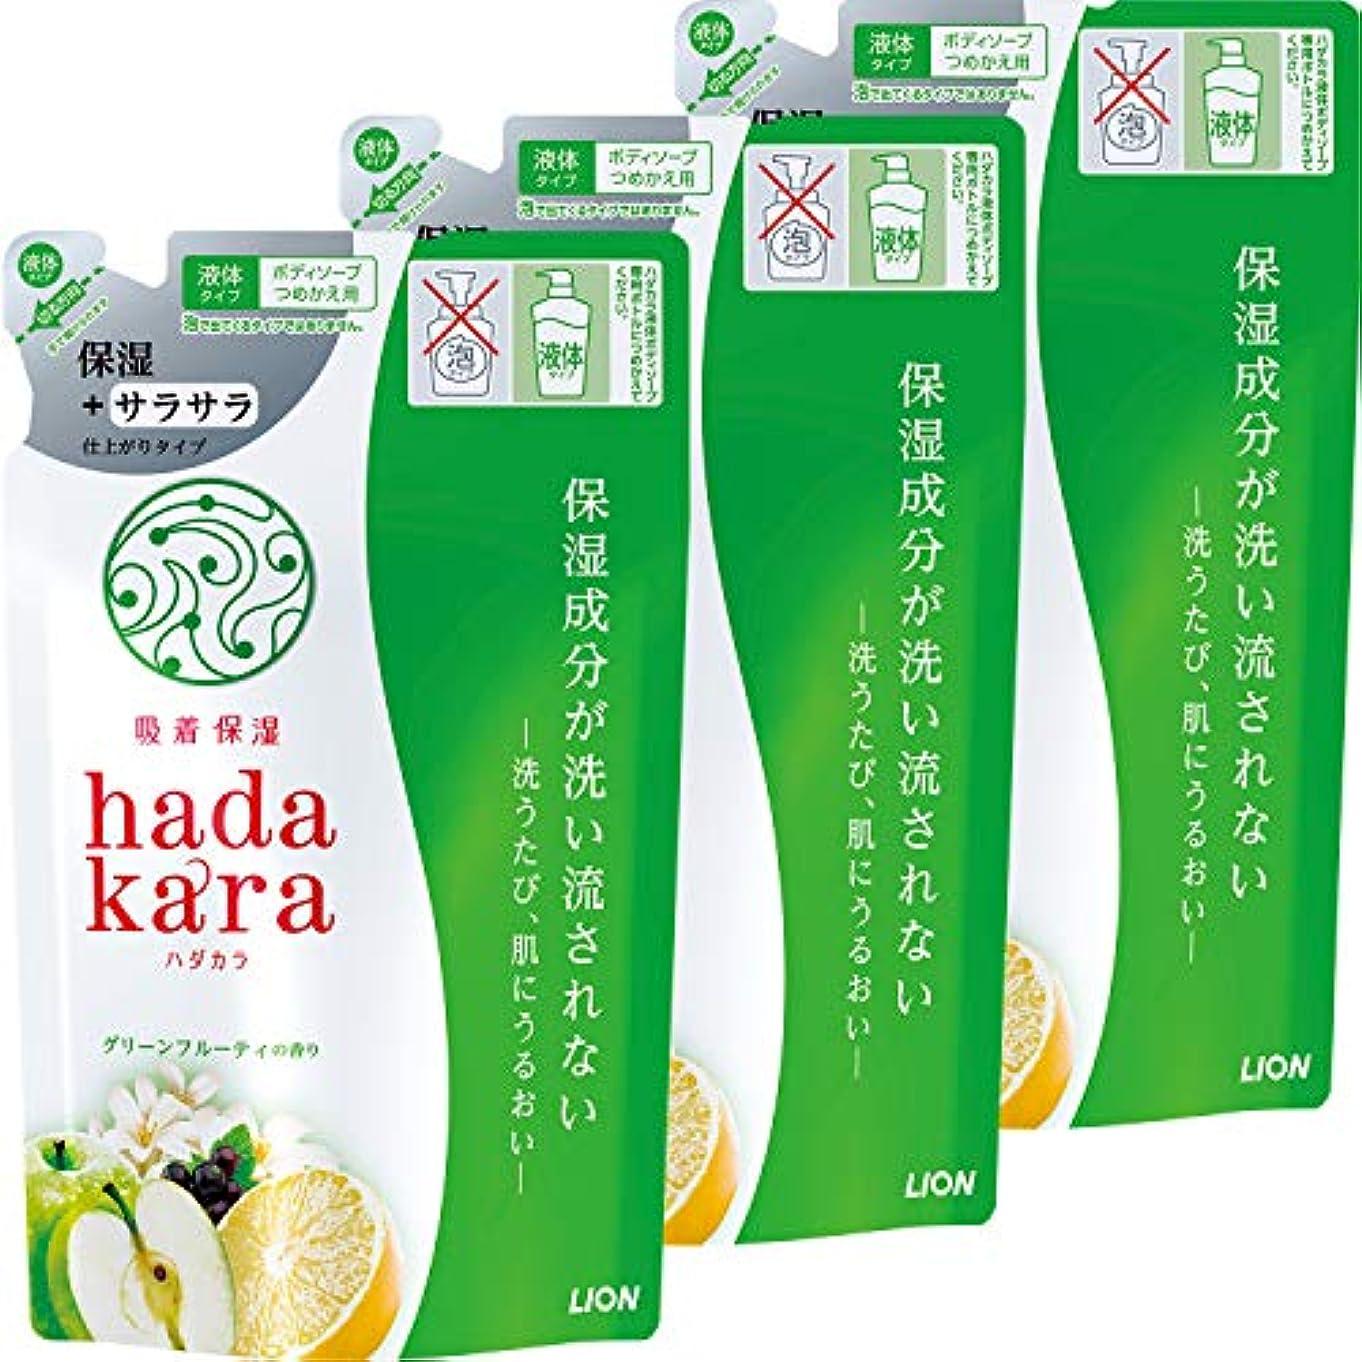 バリア貝殻崇拝しますhadakara(ハダカラ) ボディソープ 保湿+サラサラ仕上がりタイプ グリーンフルーティの香り つめかえ340ml×3個 グリーンフルーティ(保湿+サラサラ仕上がり) 詰替え用